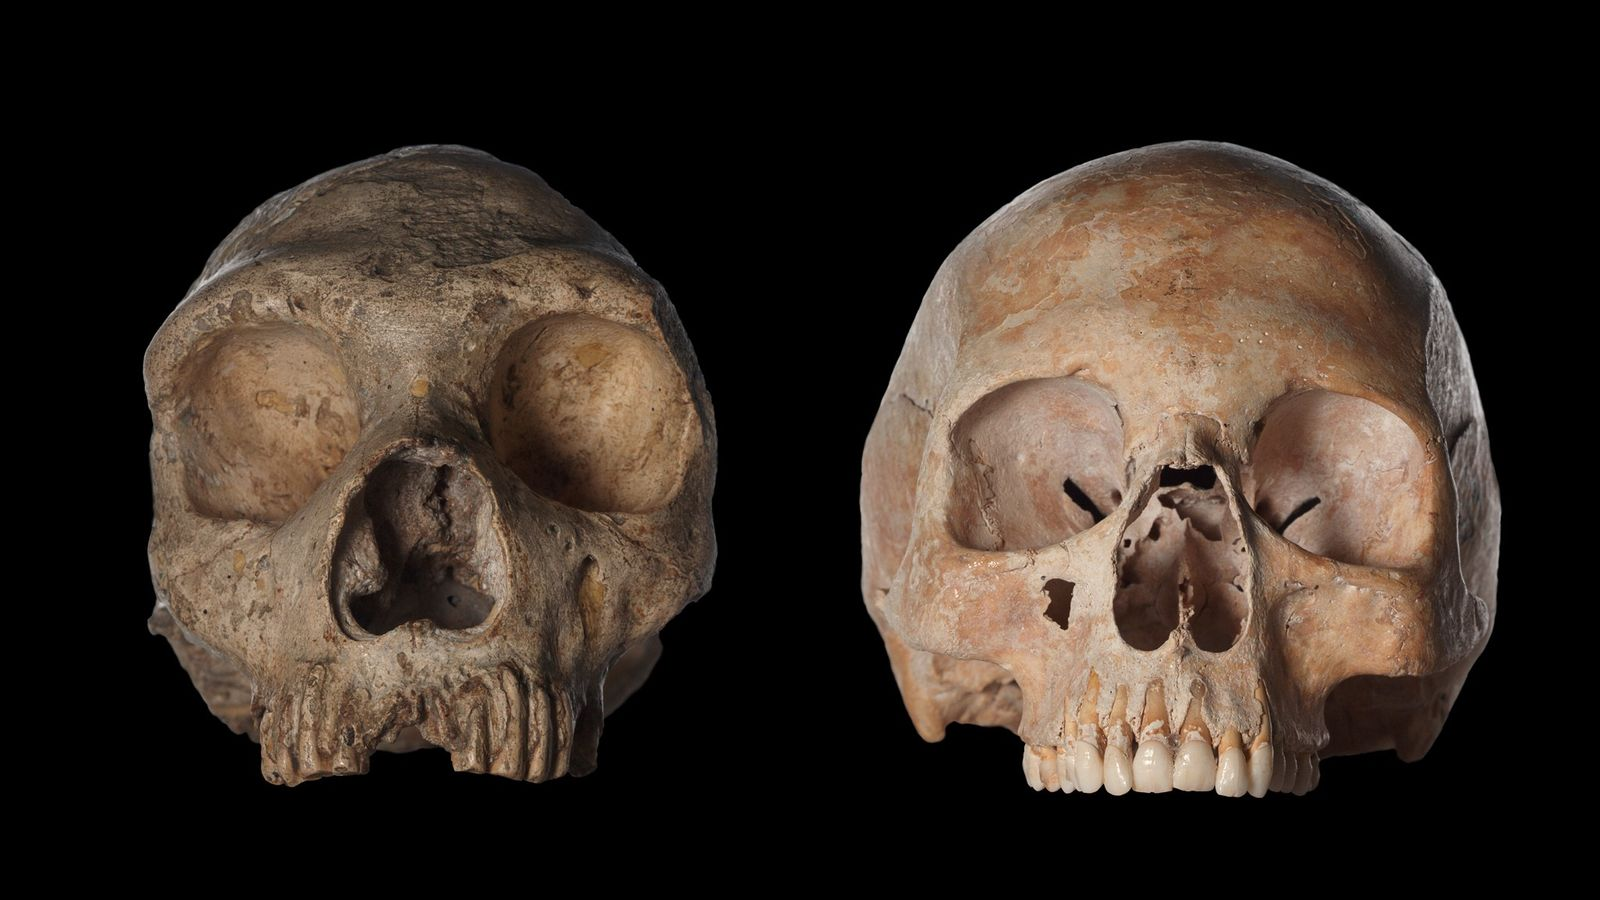 Un crâne d' Homo neanderthalensis (à gauche) et celui d'un Homo sapiens moderne (à droite).